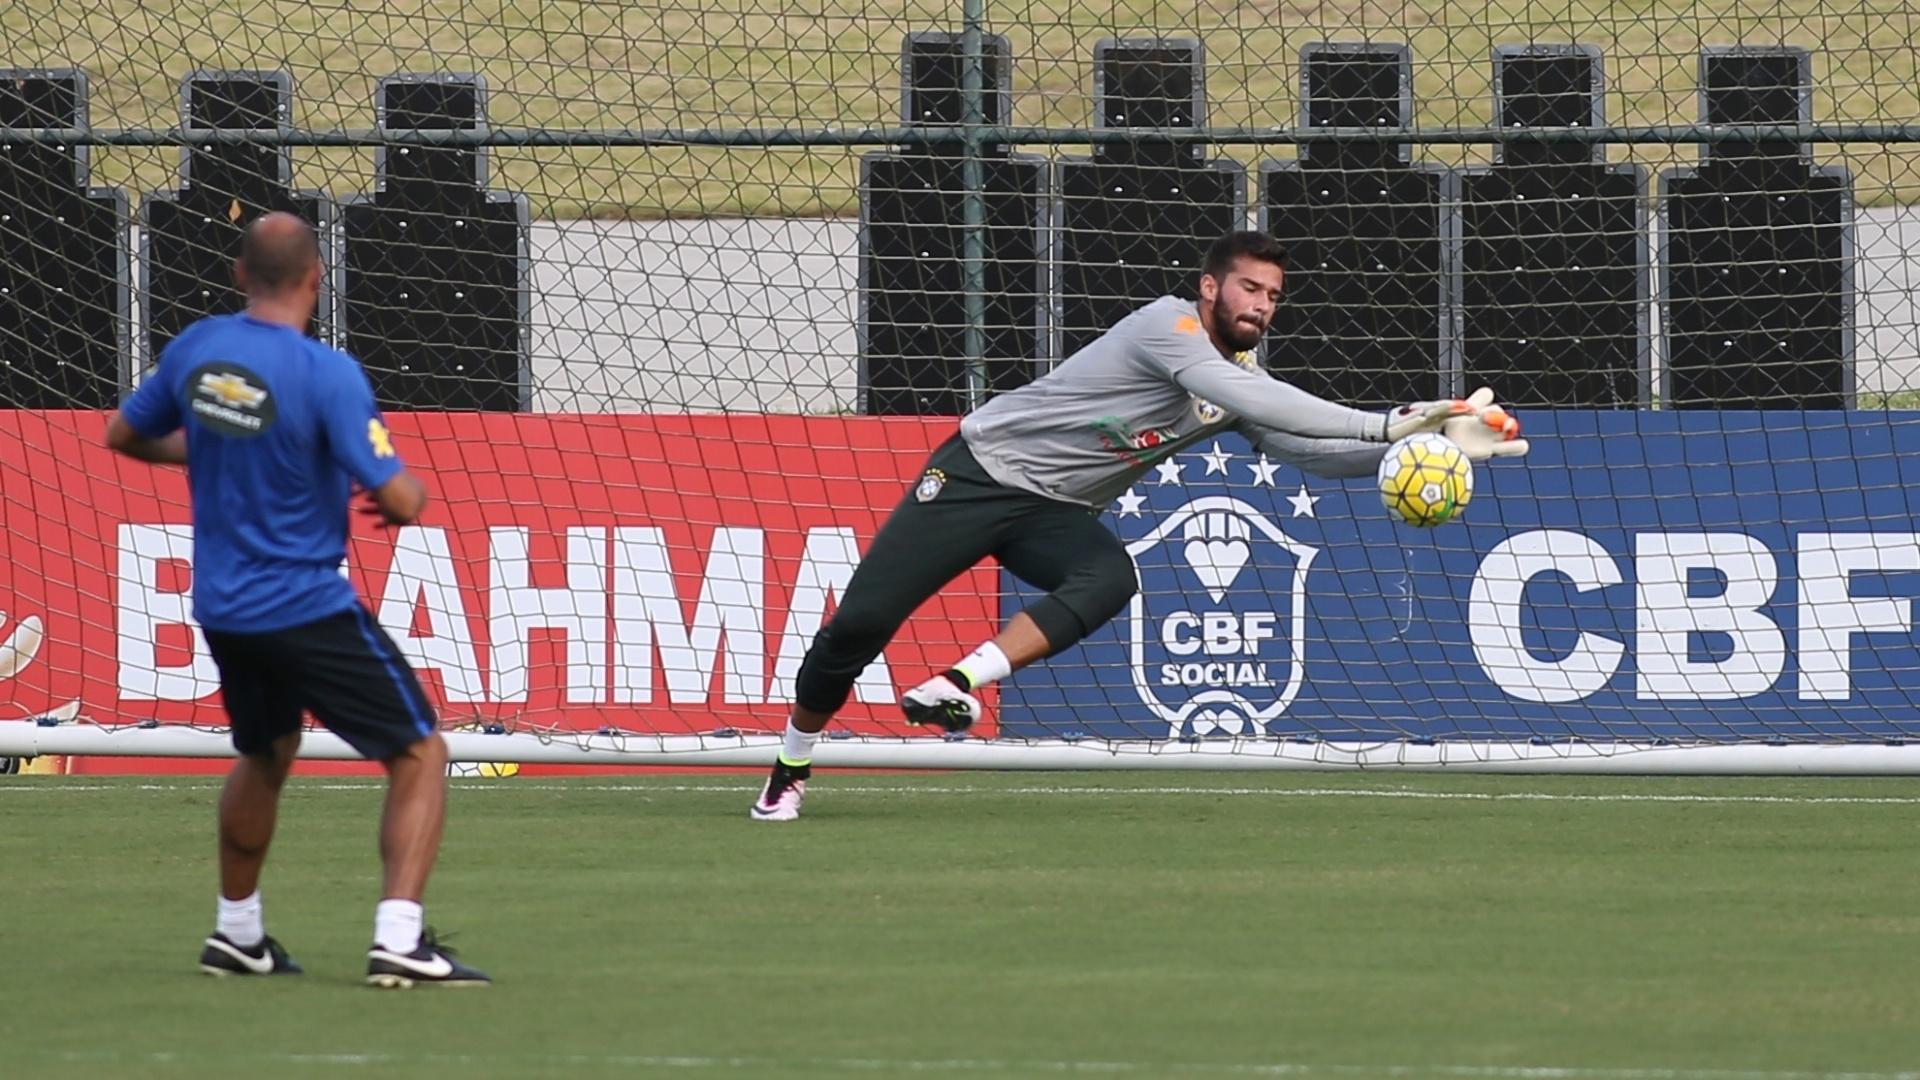 Alisson pratica bela defesa em treino da seleção brasileira